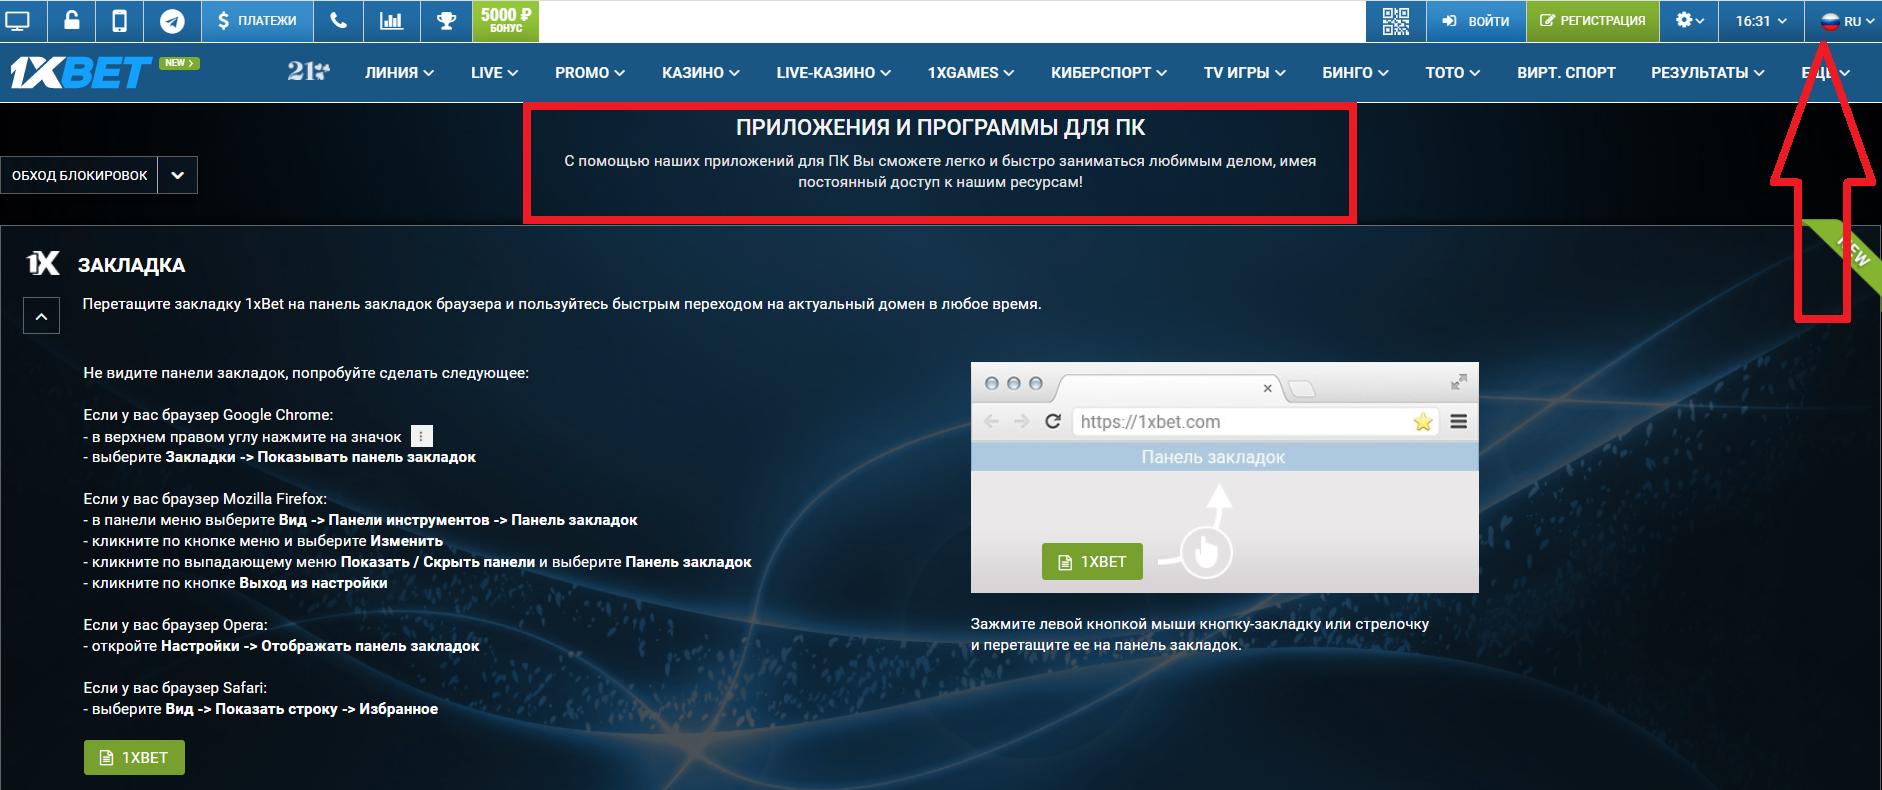 Различия между 1xBet зеркалом и официальным интернет-порталом